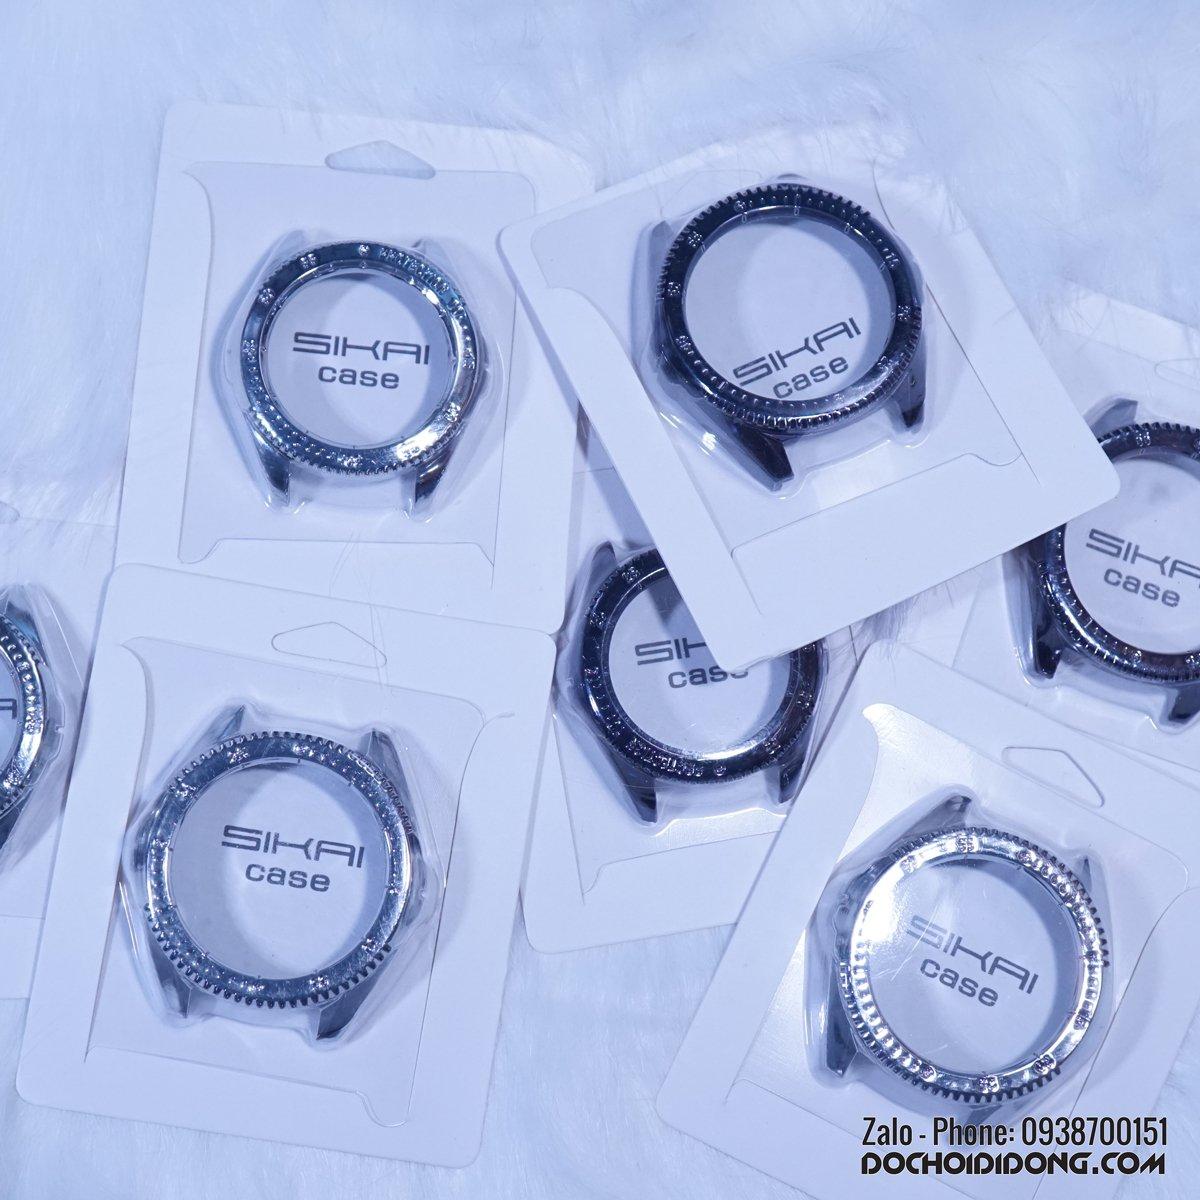 Ốp Bảo Vệ Đồng Hồ Samsung Galaxy Watch 42mm - 46mm Sikai Nhựa Cứng Sơn Mạ Kim Loại